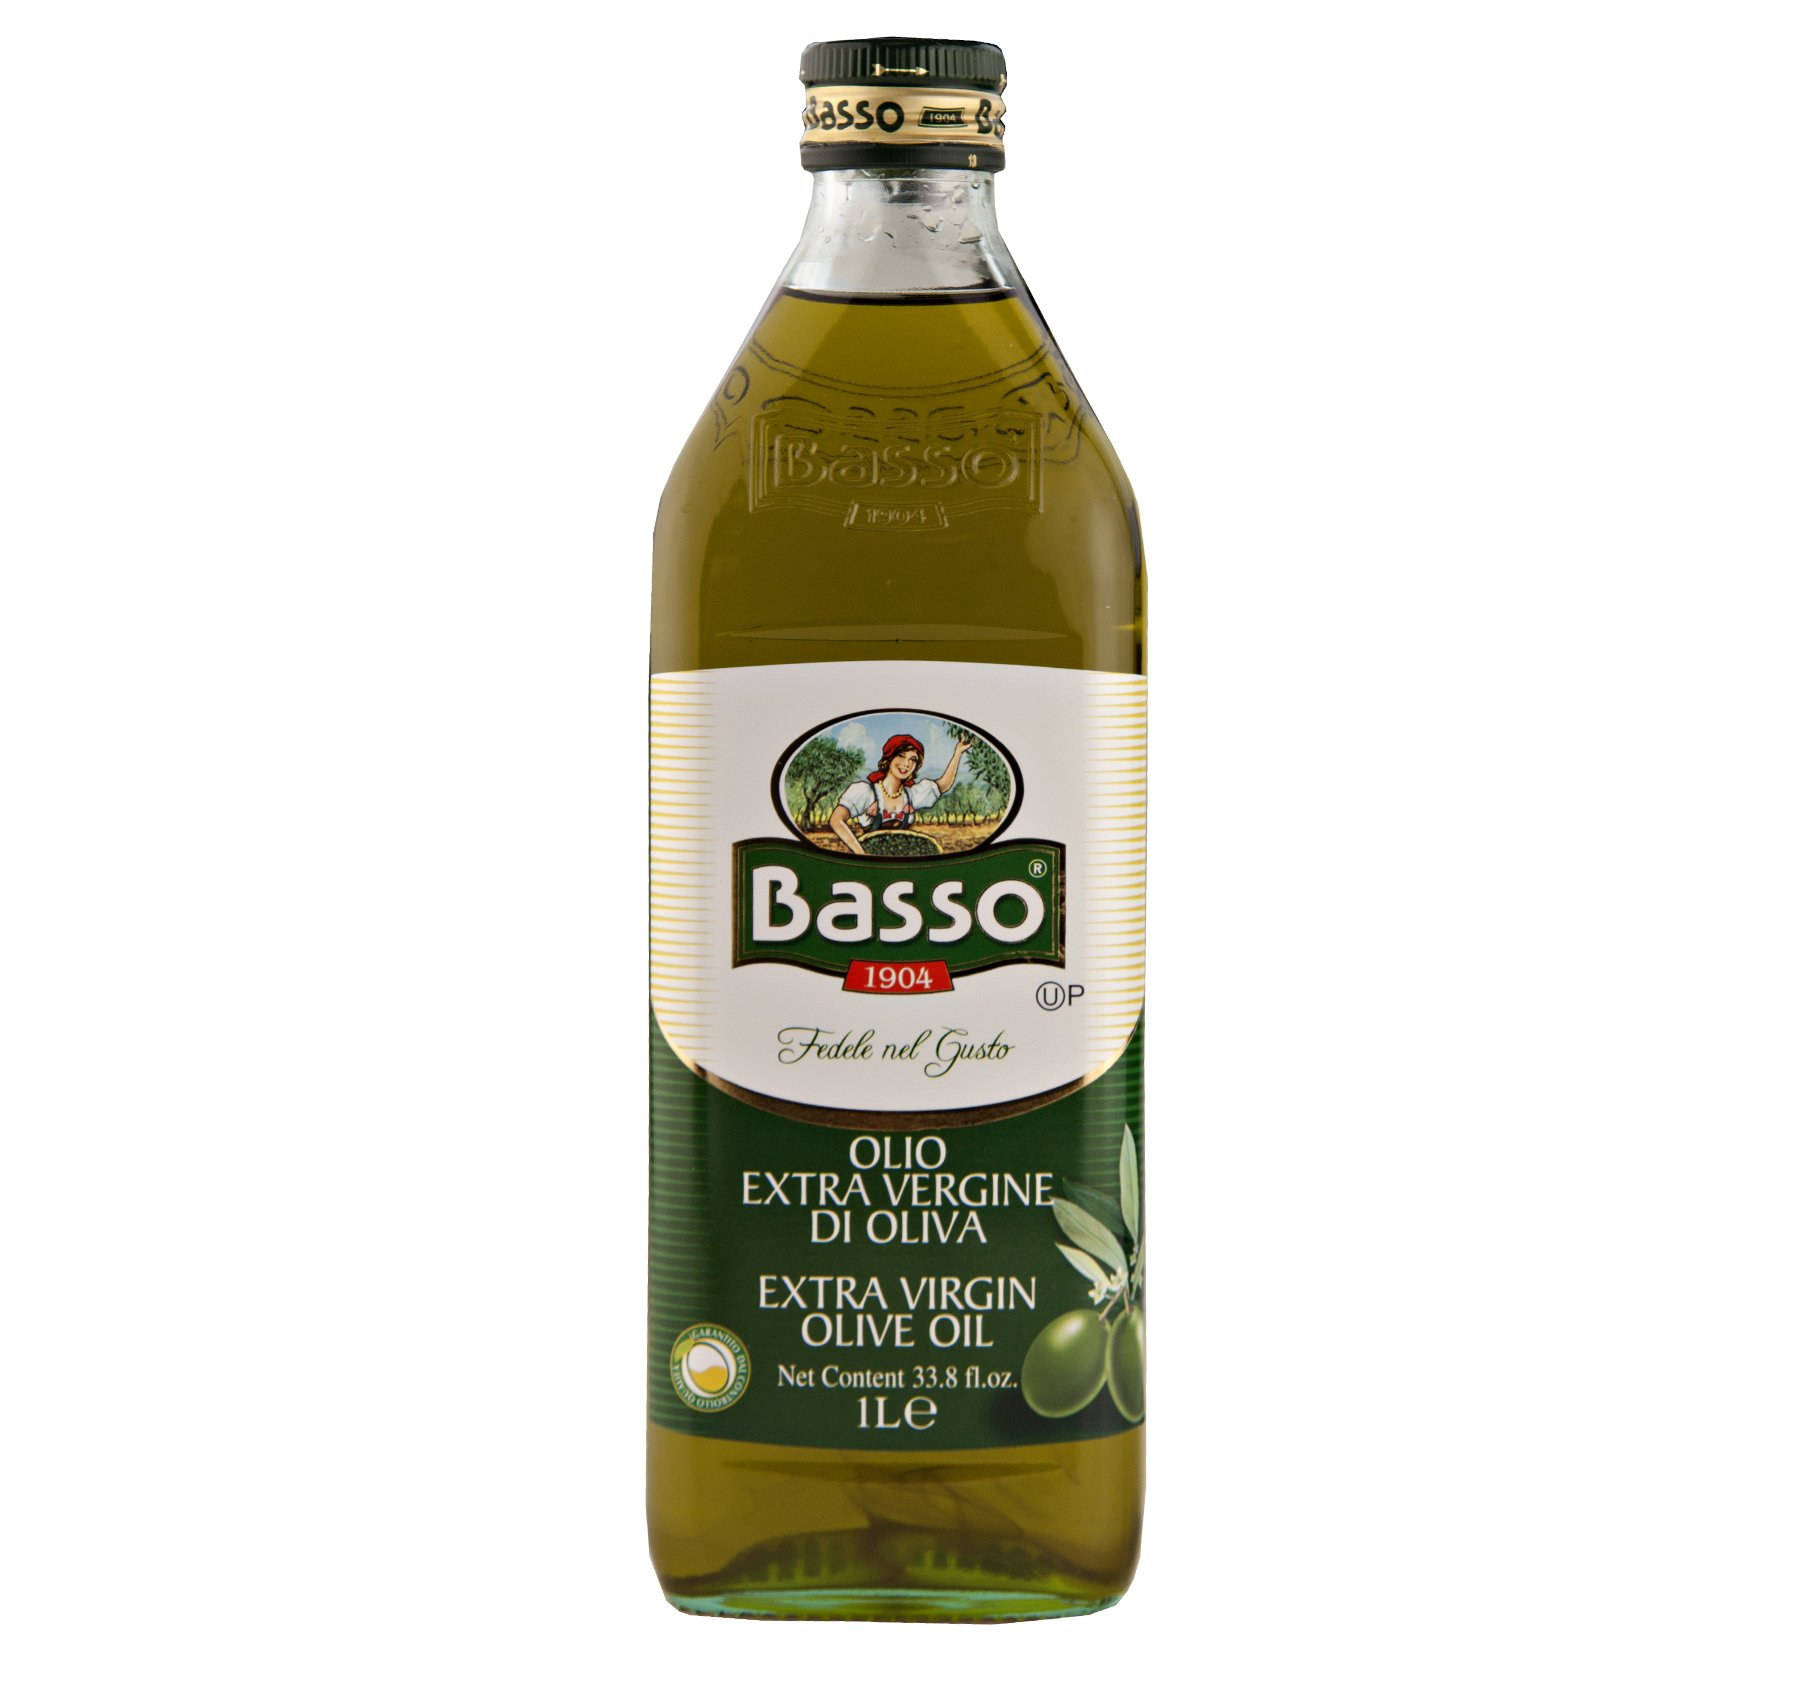 Basso Extra Virgin Olive Oil 1 Liter, 33.8 fl. oz. (12 Bottles)